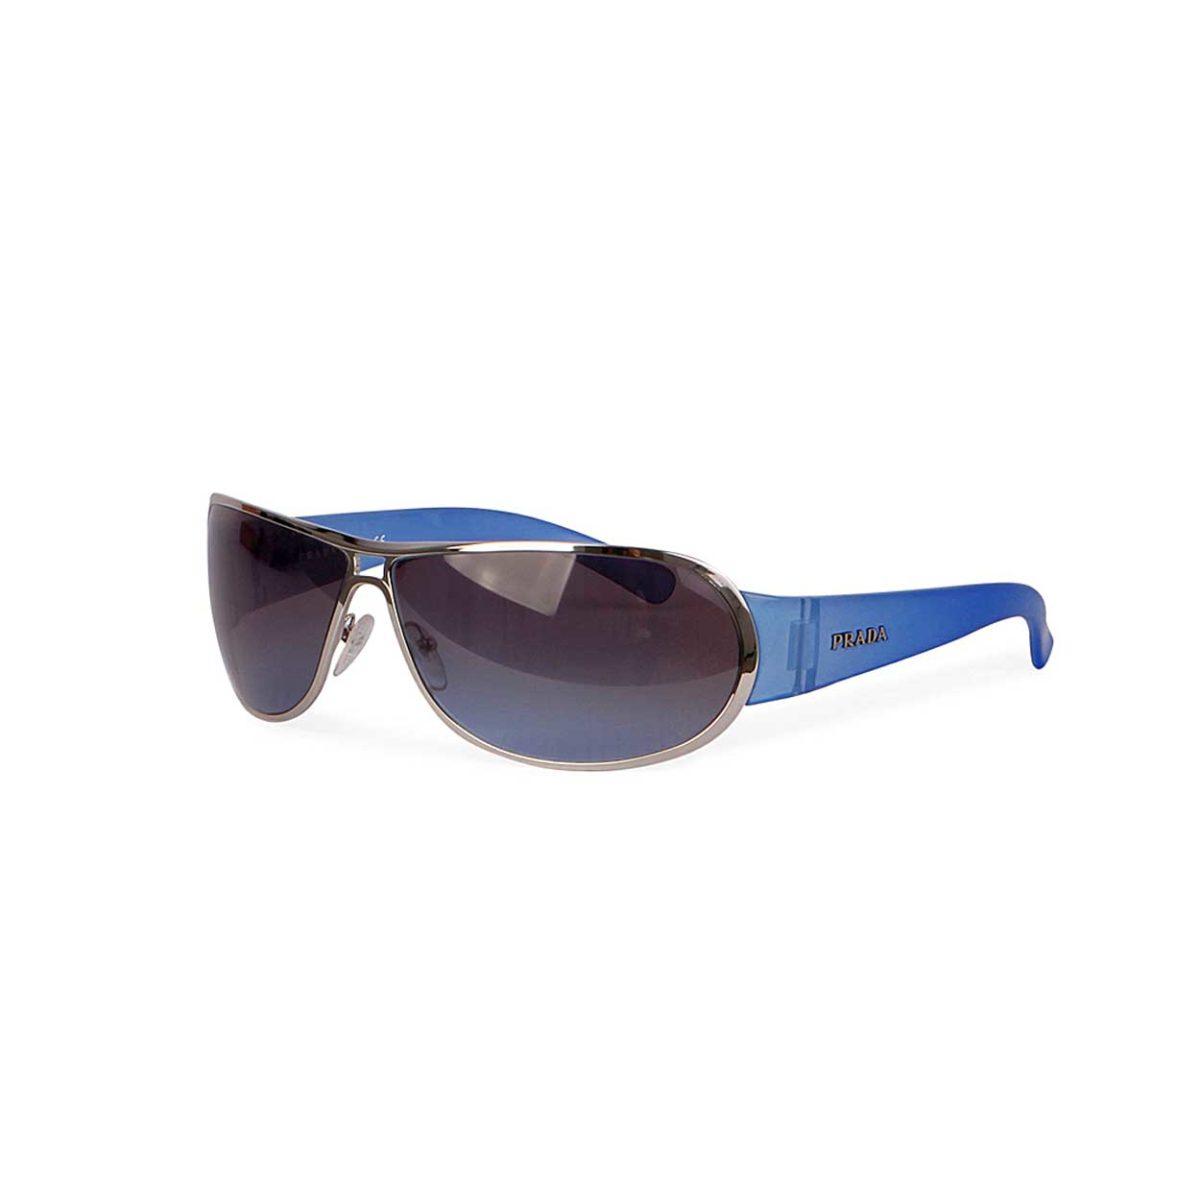 4ea0976679b9e PRADA Sunglasses SPR 70G Blue - New